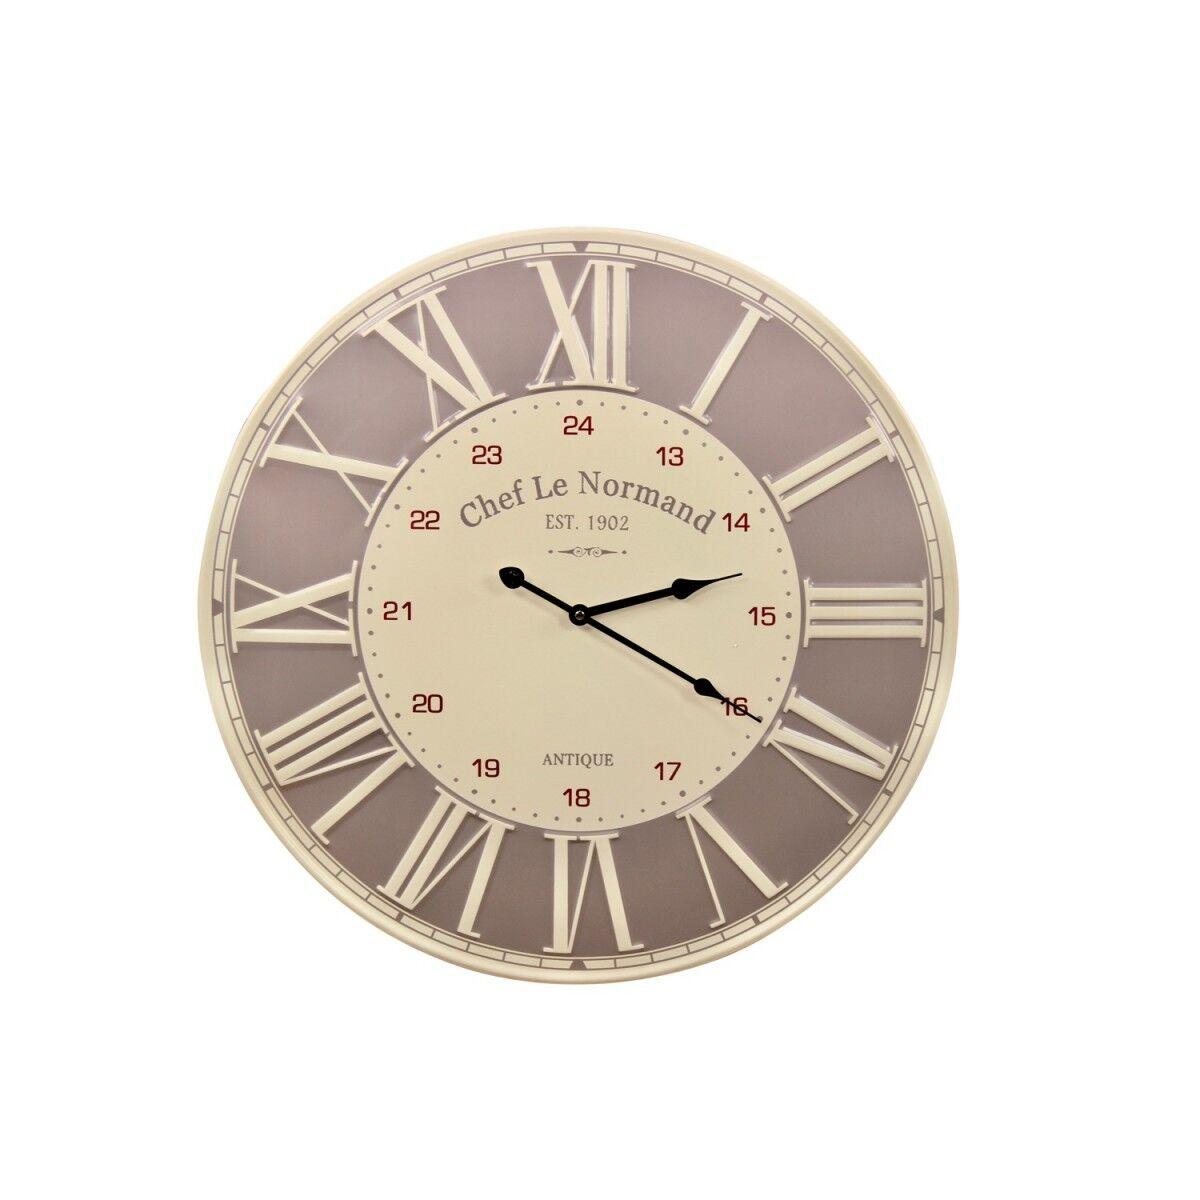 Horloge Ancienne Metal Chef Le Normand 58cm - Métal - Blanc